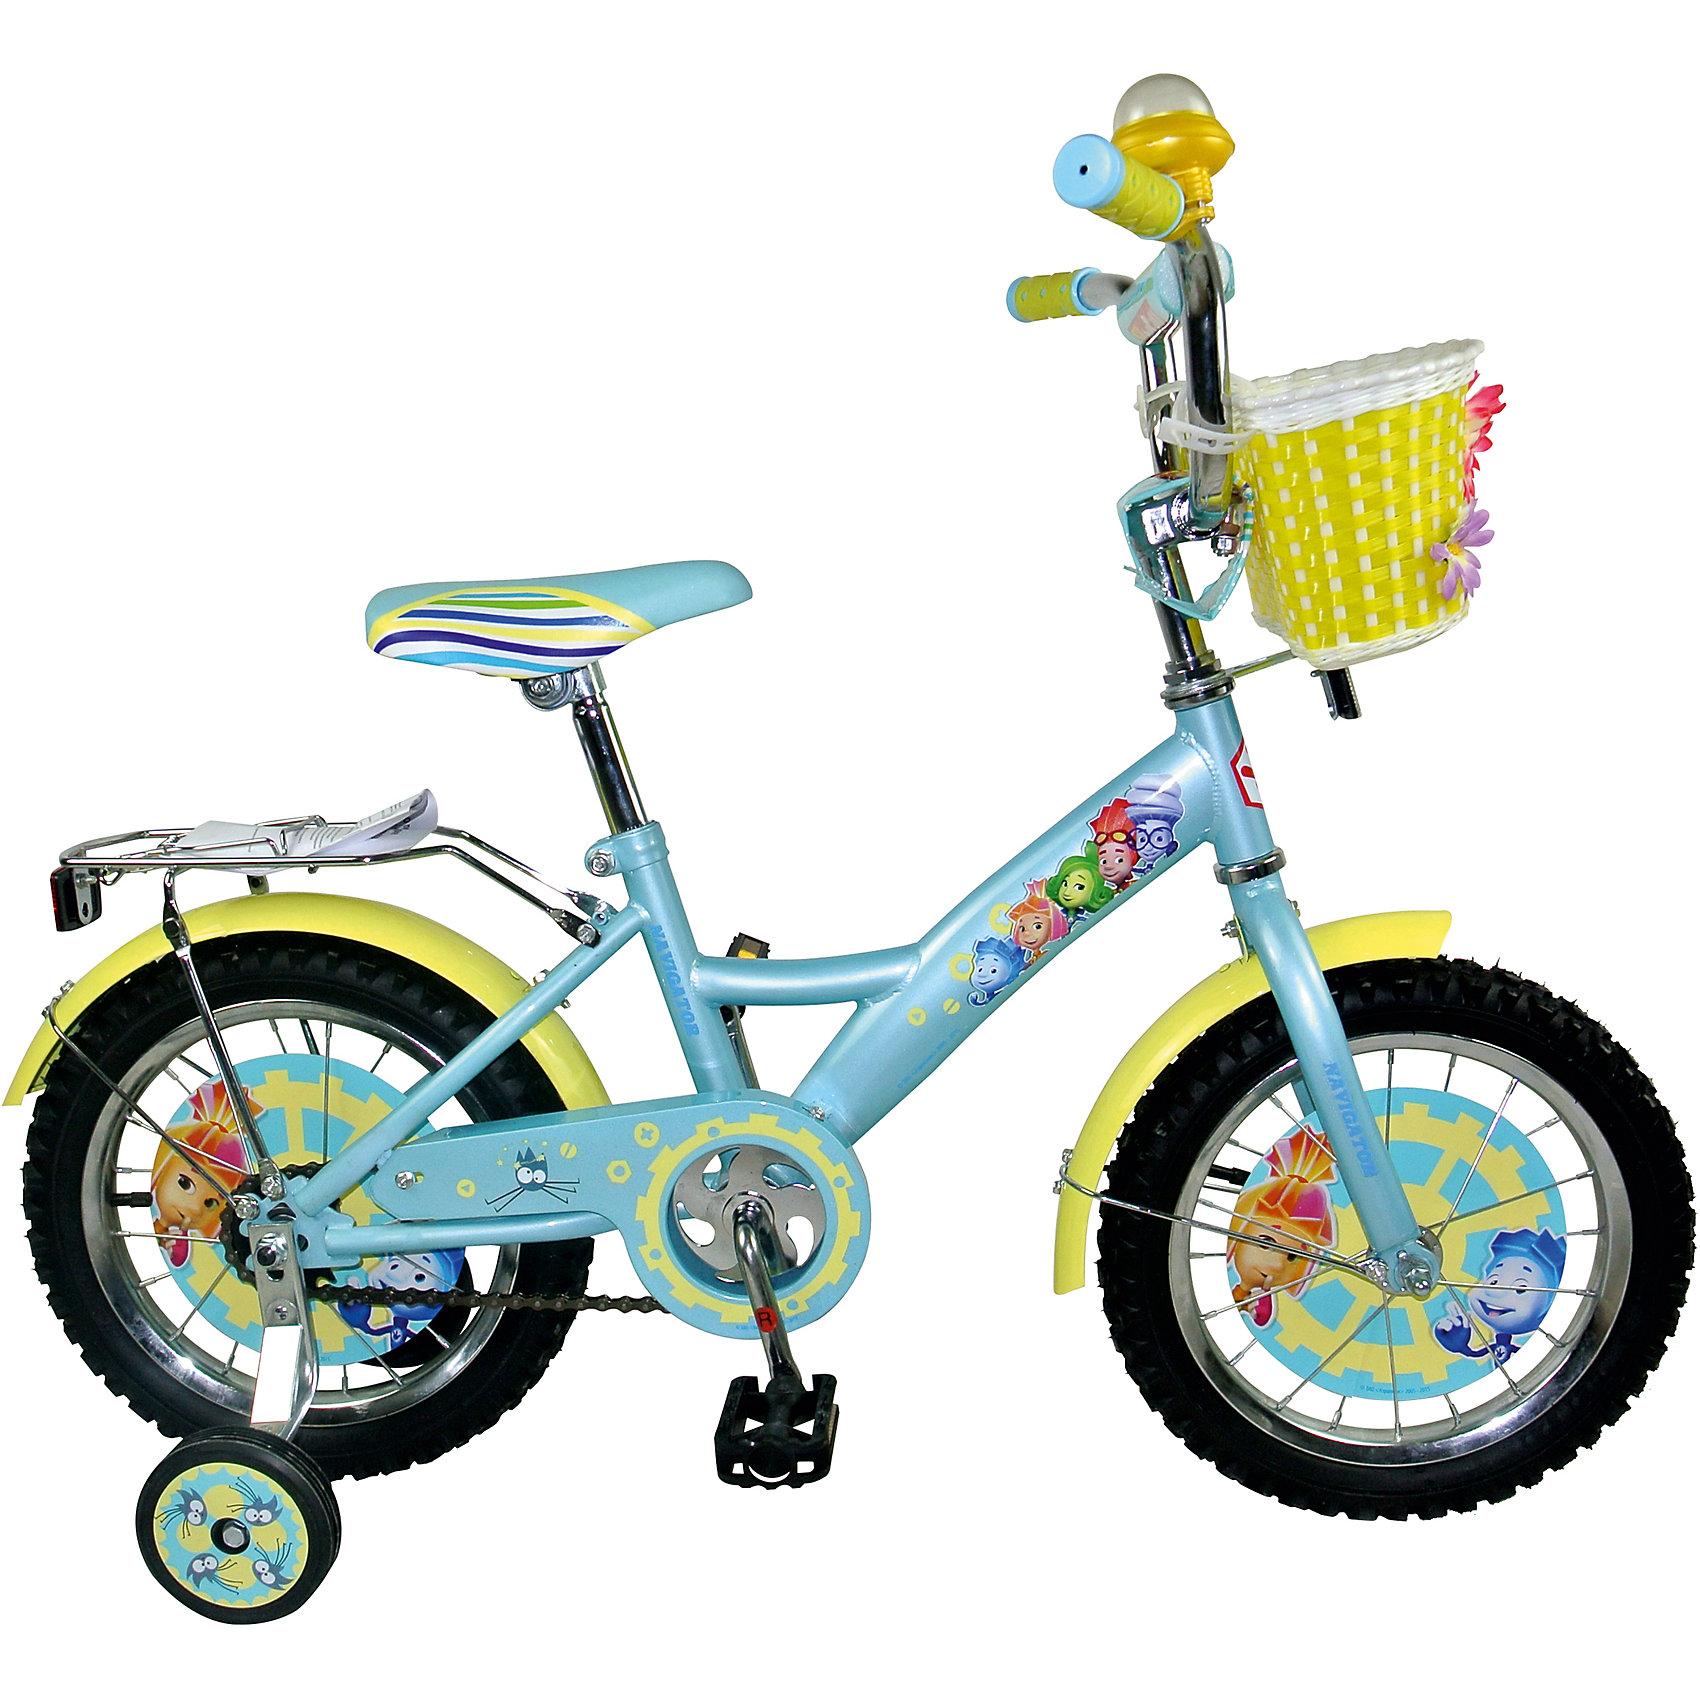 Велосипед Navigator, 16 дюймов, ФиксикиВелосипеды детские<br>Детский двухколесный велосипед с ярким дизайном и популярной лицензией Фиксики. Колеса 16 дюйм, широкие страховочные колёса со вставками, односоставной шатун, пластиковая корзина на руле, звонок, мягкая накладка на руле.<br><br>Ширина мм: 880<br>Глубина мм: 420<br>Высота мм: 170<br>Вес г: 10500<br>Возраст от месяцев: 60<br>Возраст до месяцев: 120<br>Пол: Унисекс<br>Возраст: Детский<br>SKU: 4786125